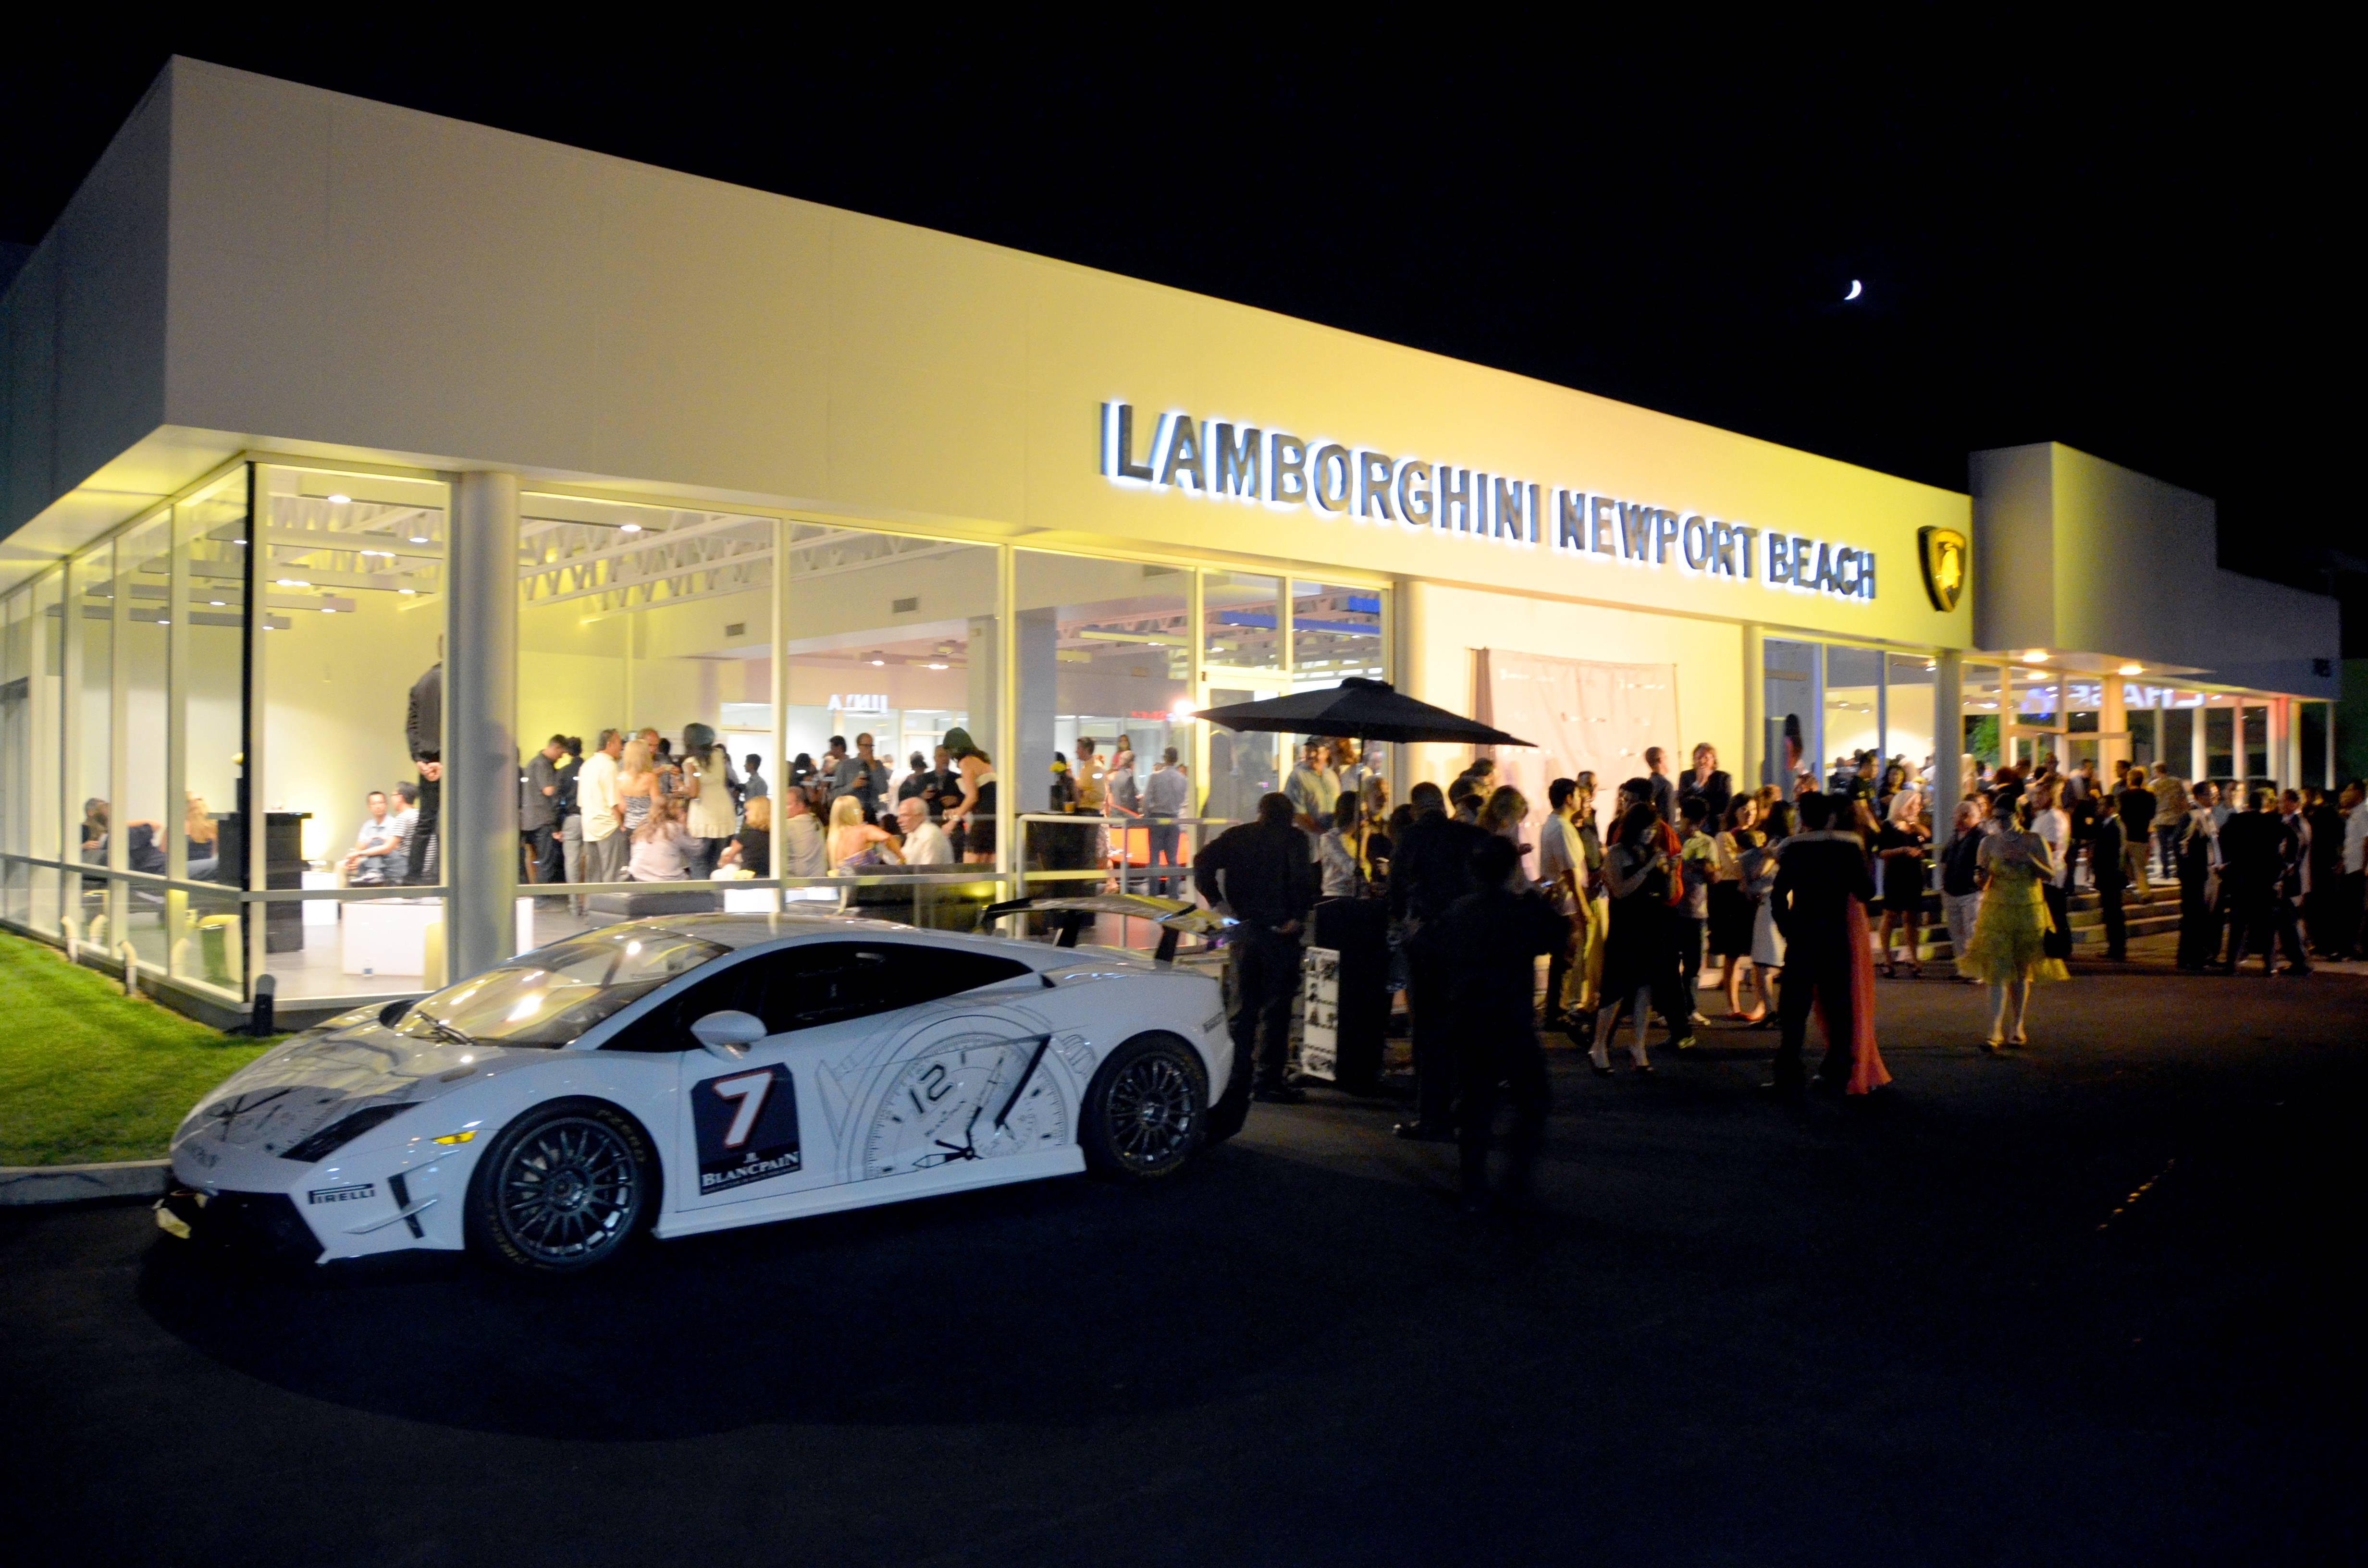 Lamborghini Newport Beach - Dealership and Lamborghini Gallardo Super Trofeo (left)